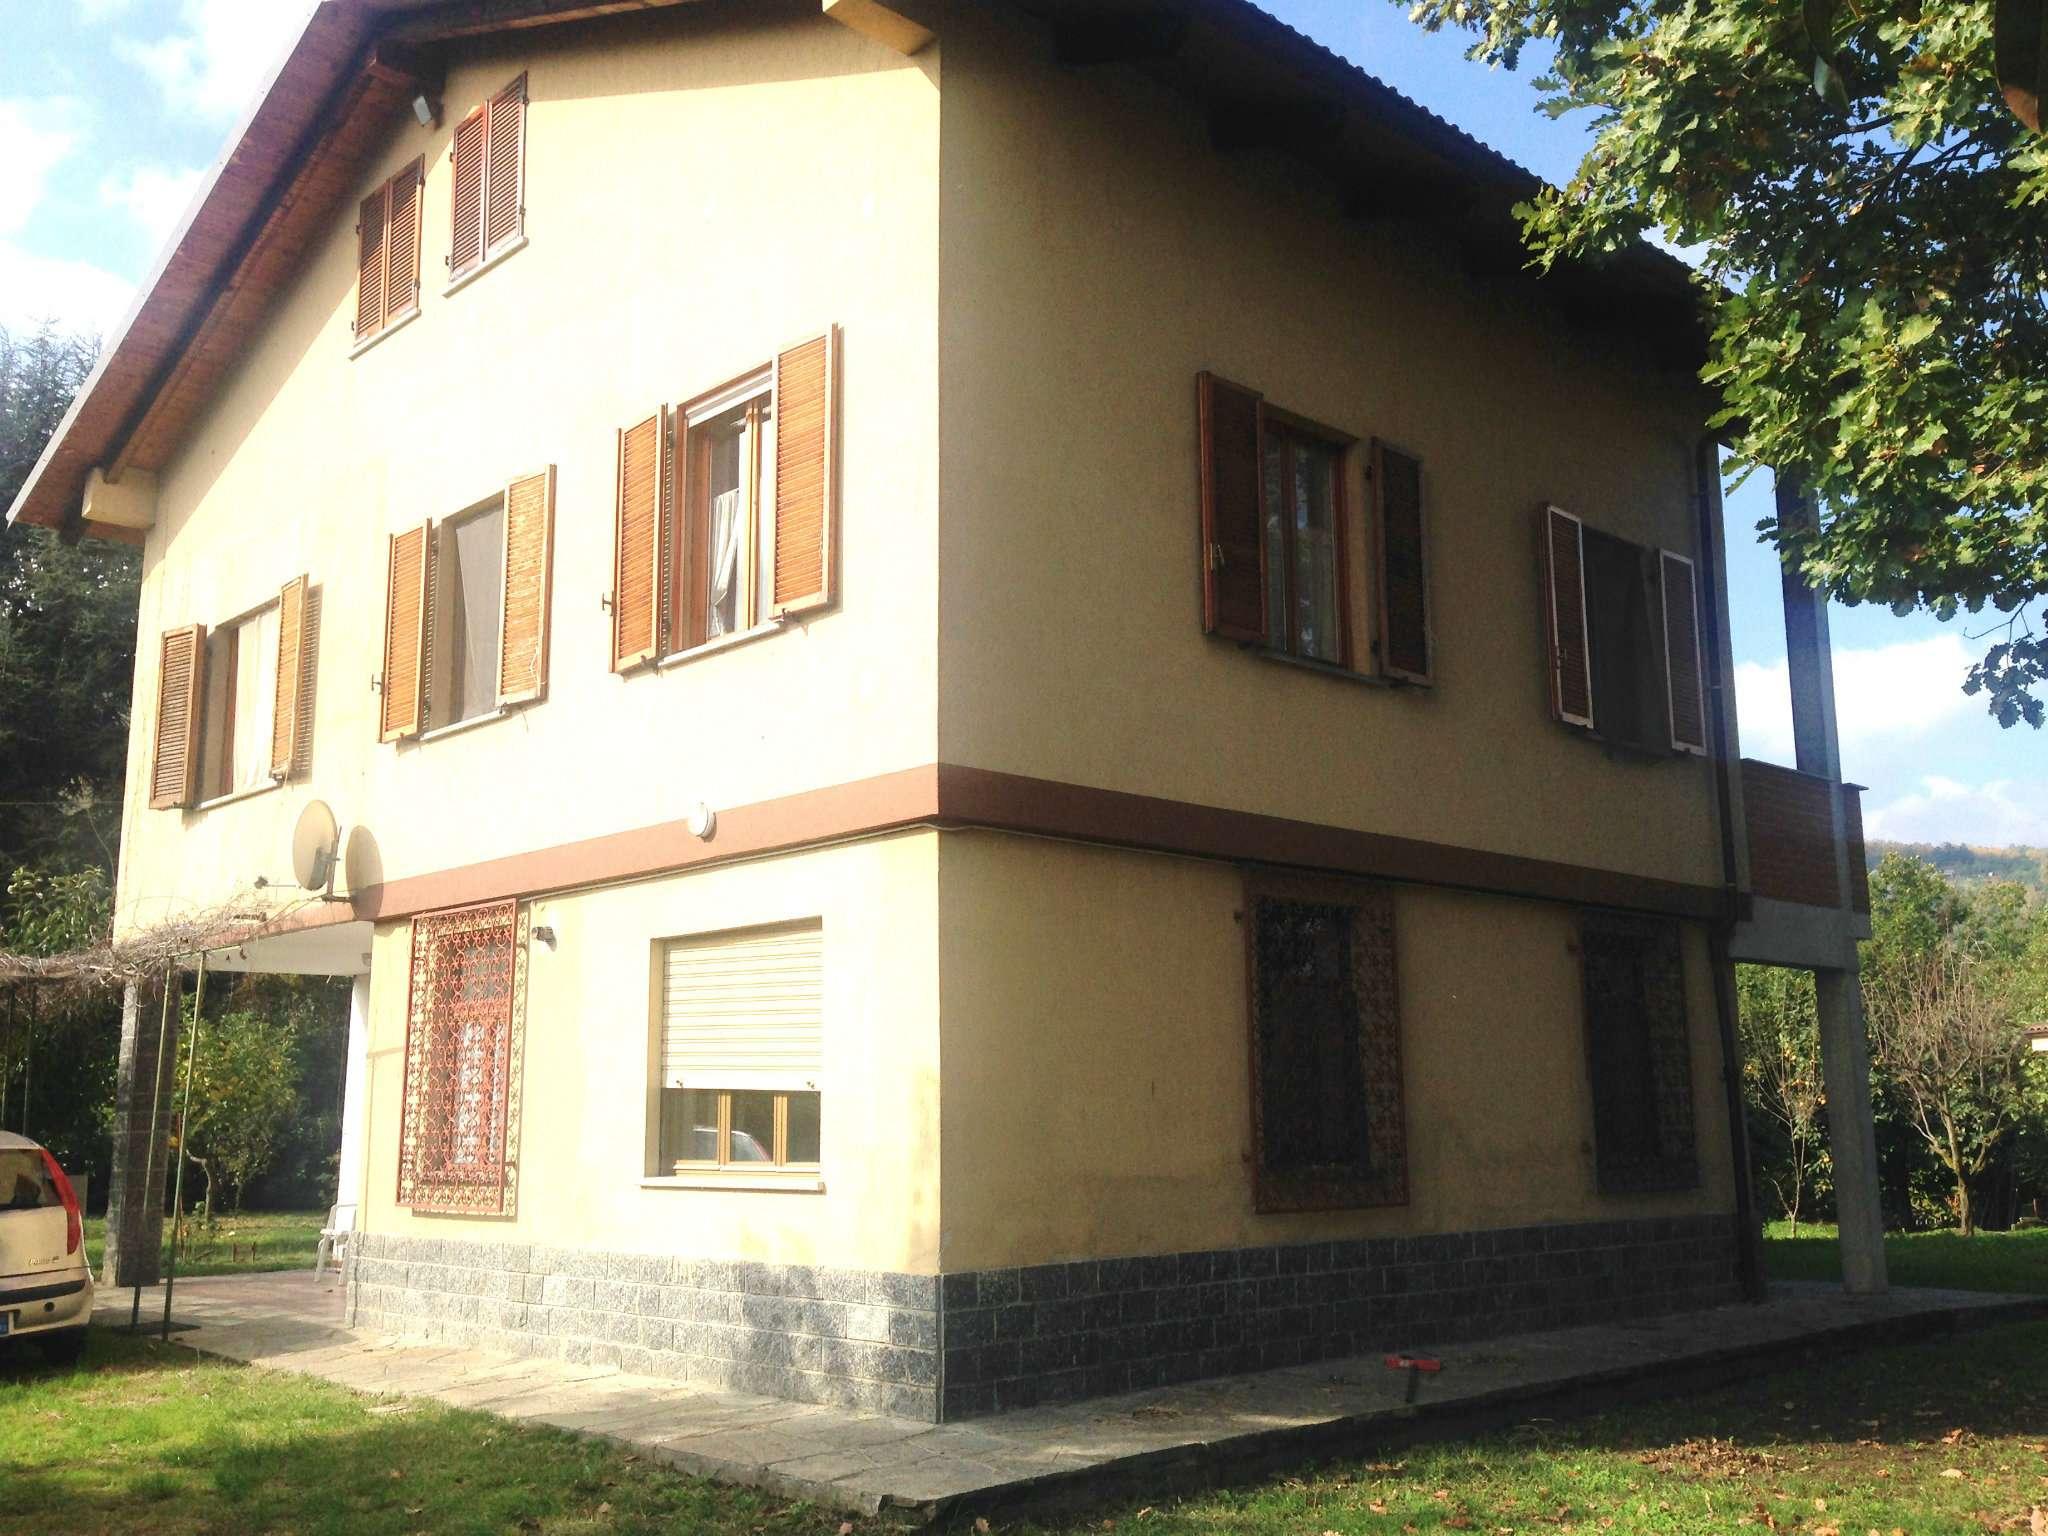 Attico / Mansarda in affitto a Roletto, 1 locali, prezzo € 380 | Cambio Casa.it